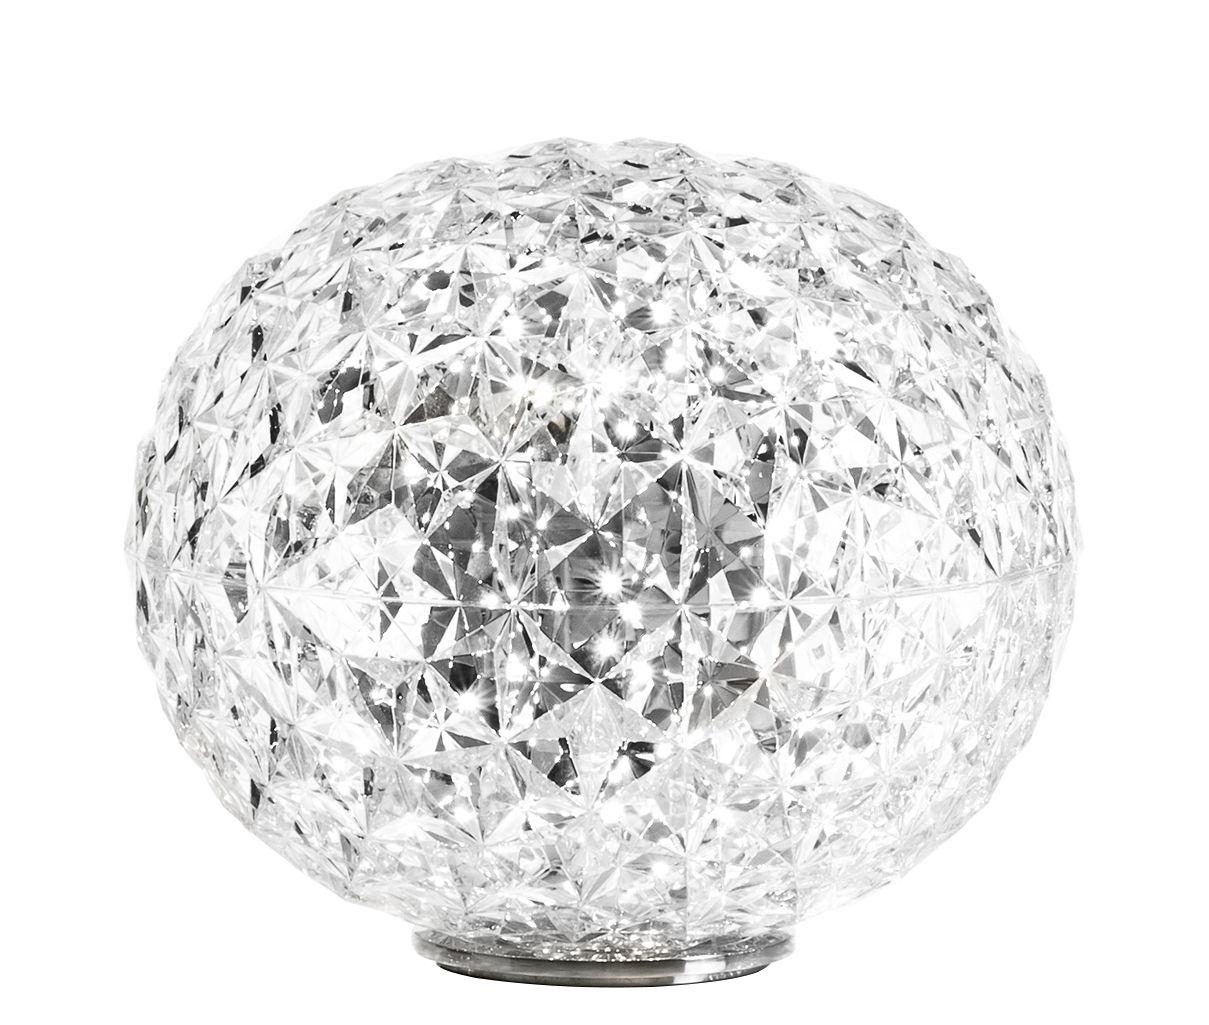 lampe de table planet led h 28 cm cristal kartell. Black Bedroom Furniture Sets. Home Design Ideas